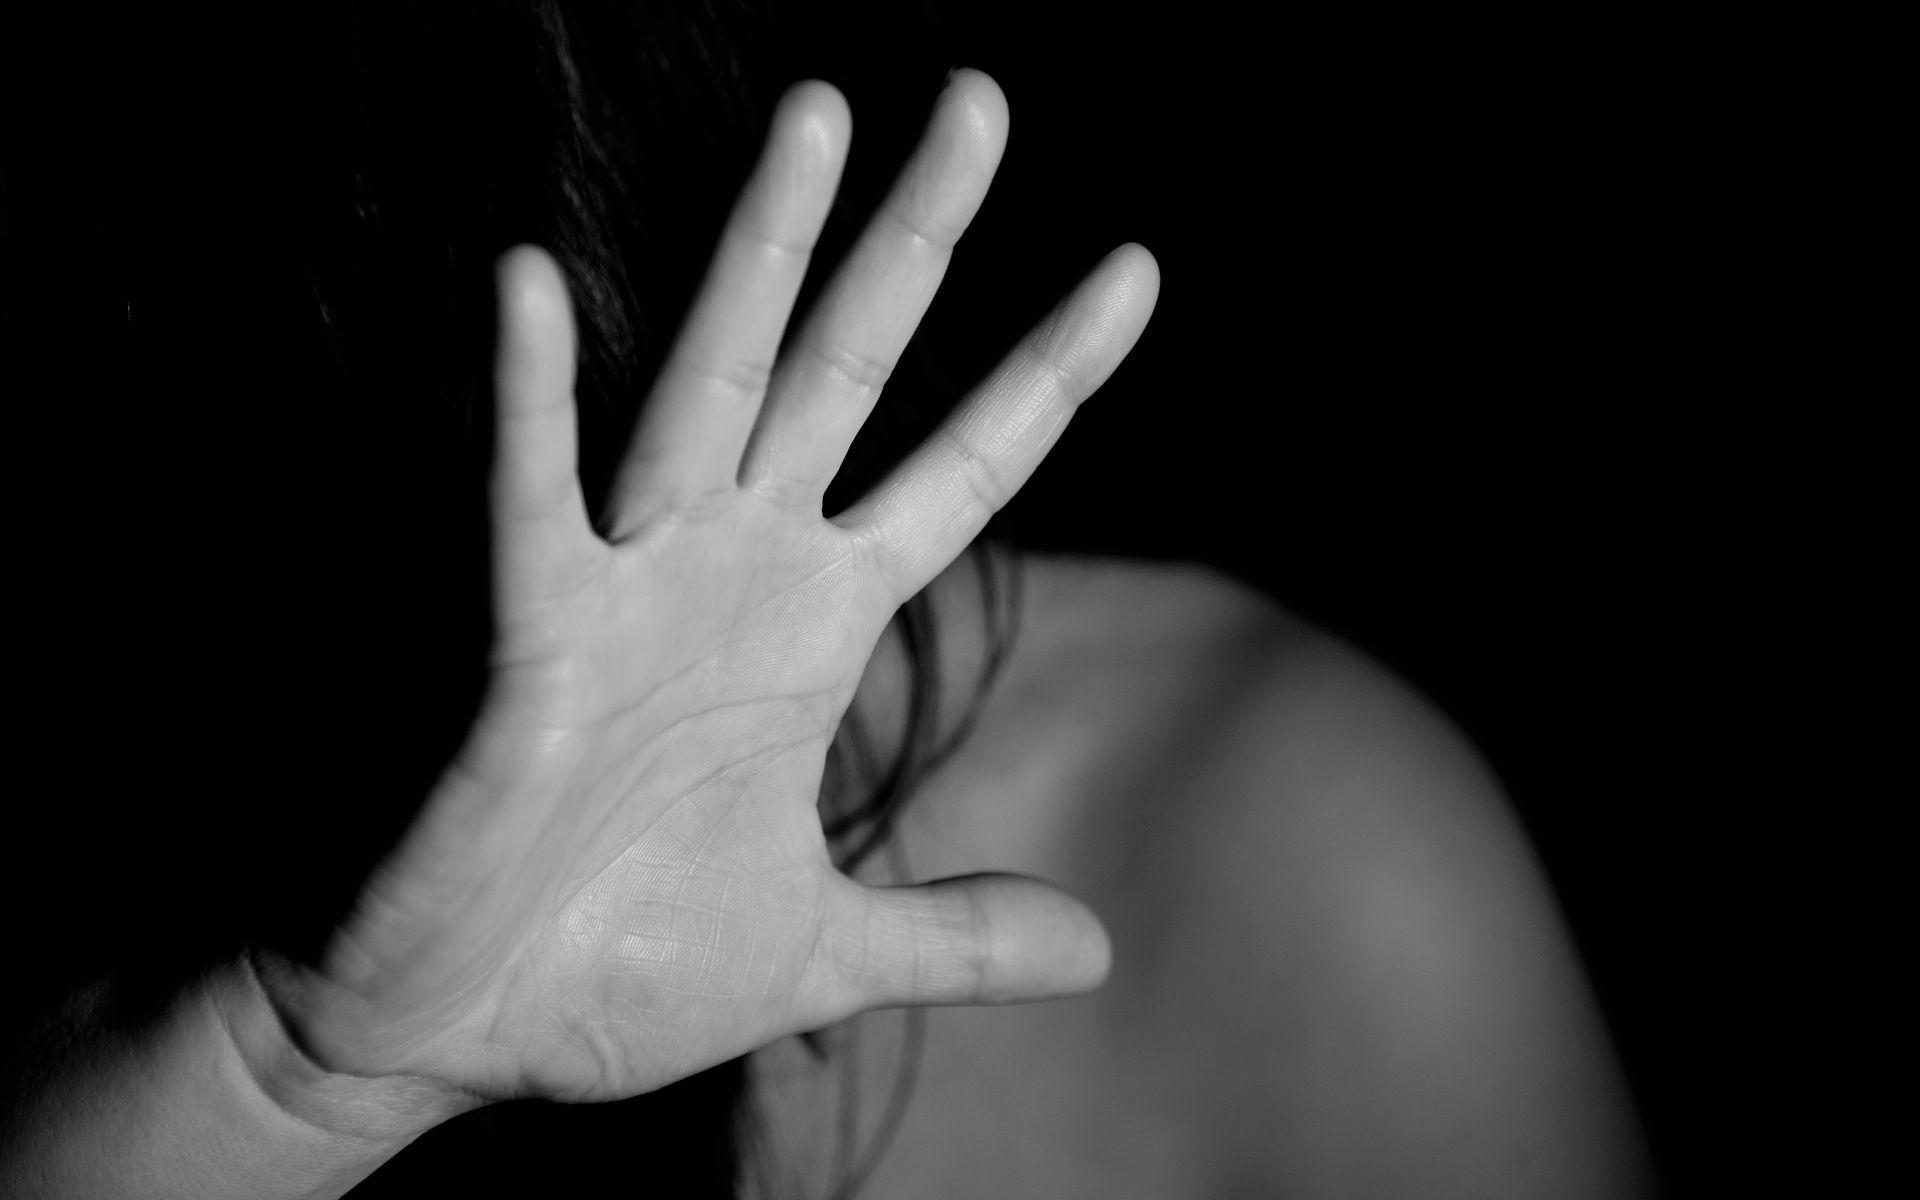 U Hrvatskoj lani ubijeno 20 žena, njih 18 ubile bliske im osobe ili partneri